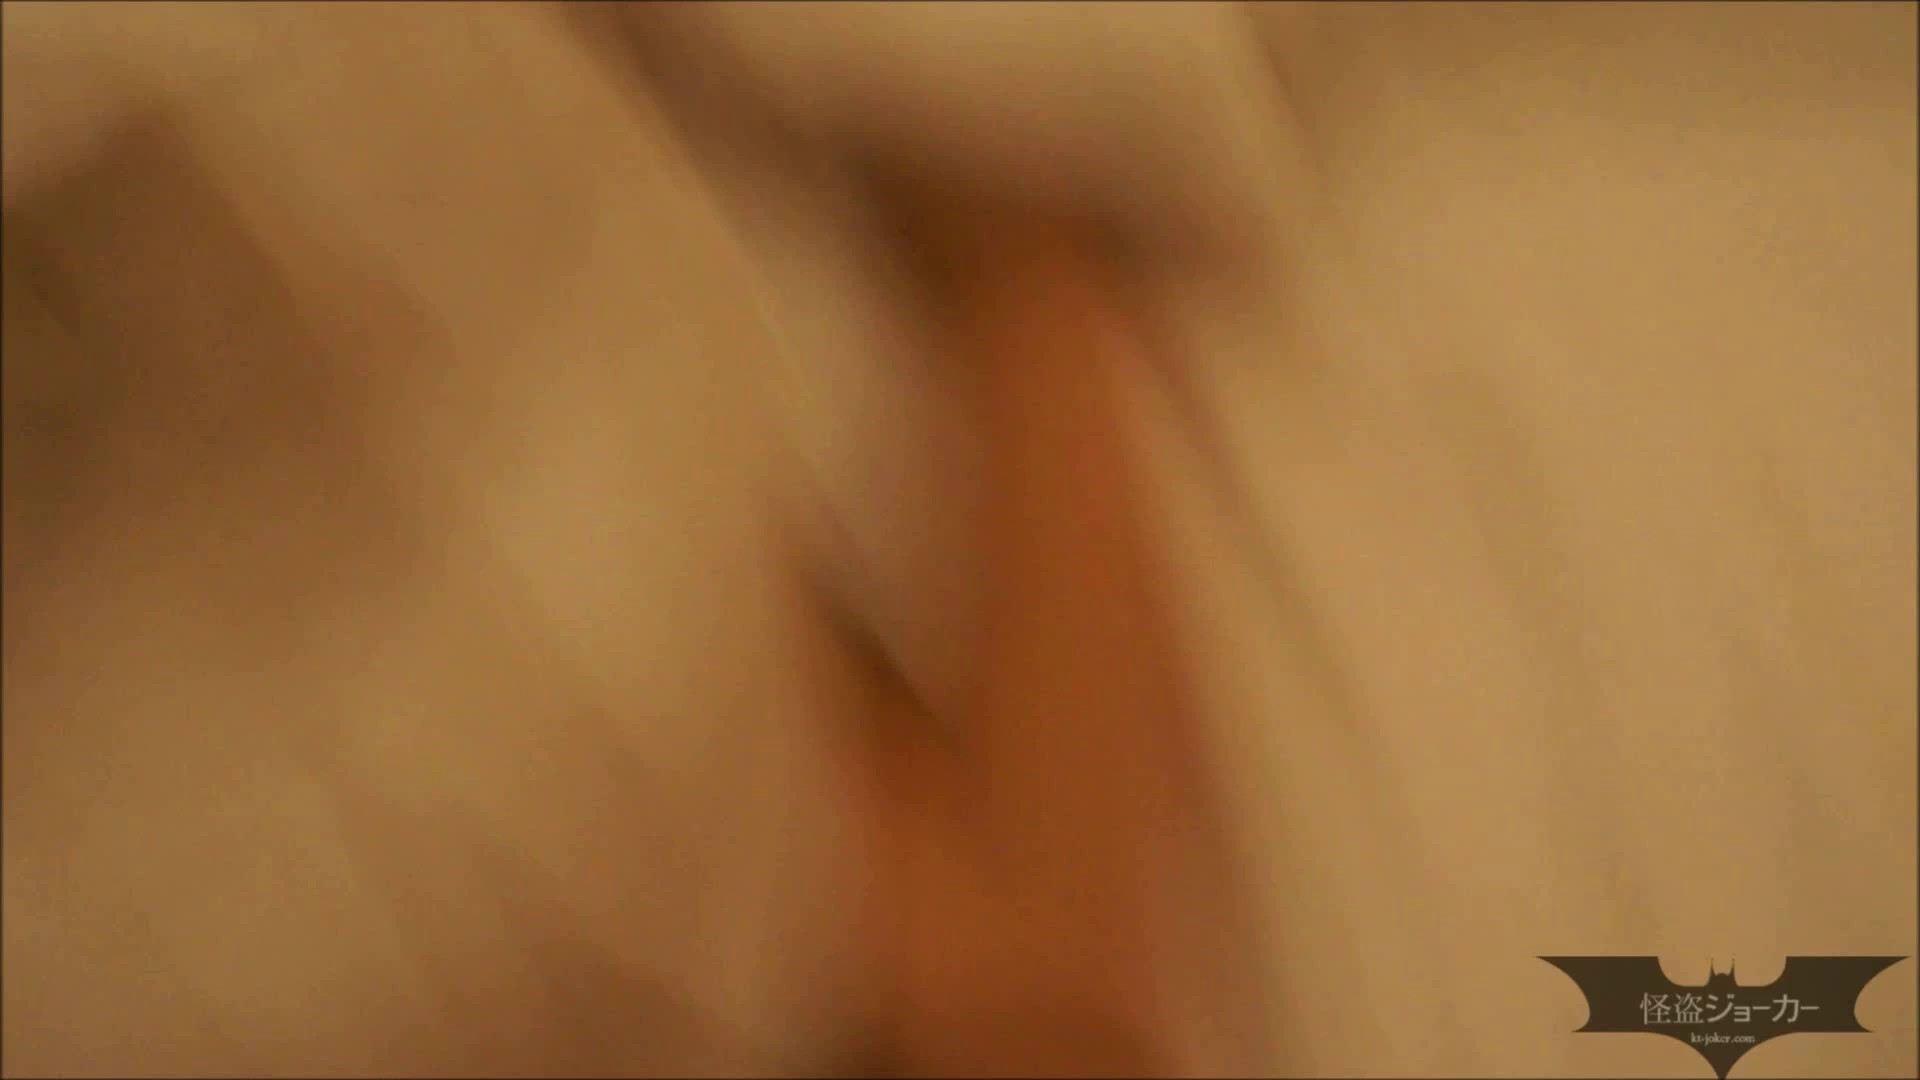 【未公開】vol.20 セレブ美魔女・カリソメの笑顔。最後の交わり...生中出し エッチなOL | 中出し  93枚 35